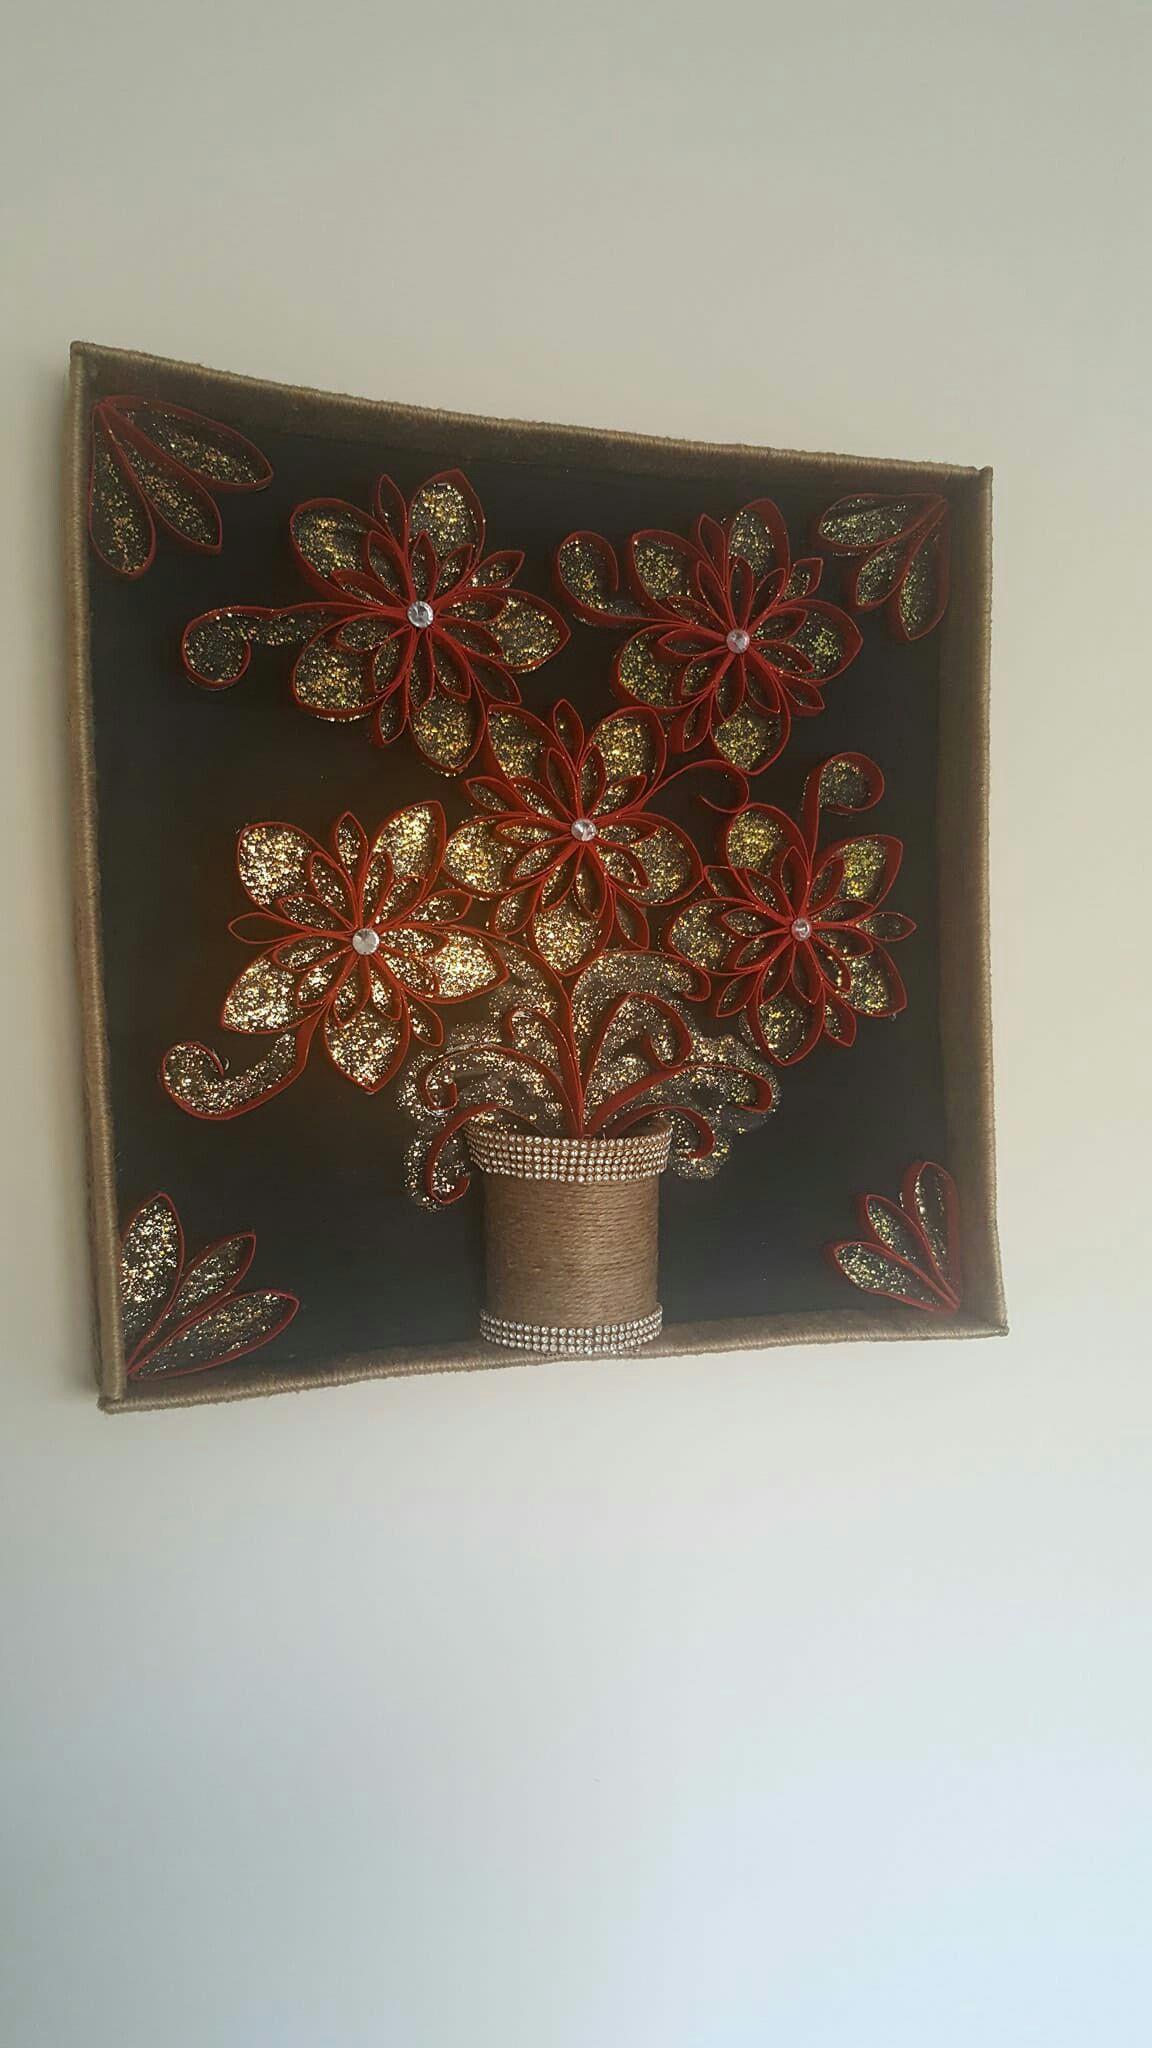 #Toiletrollflowers #handmadebyciuleimihaela